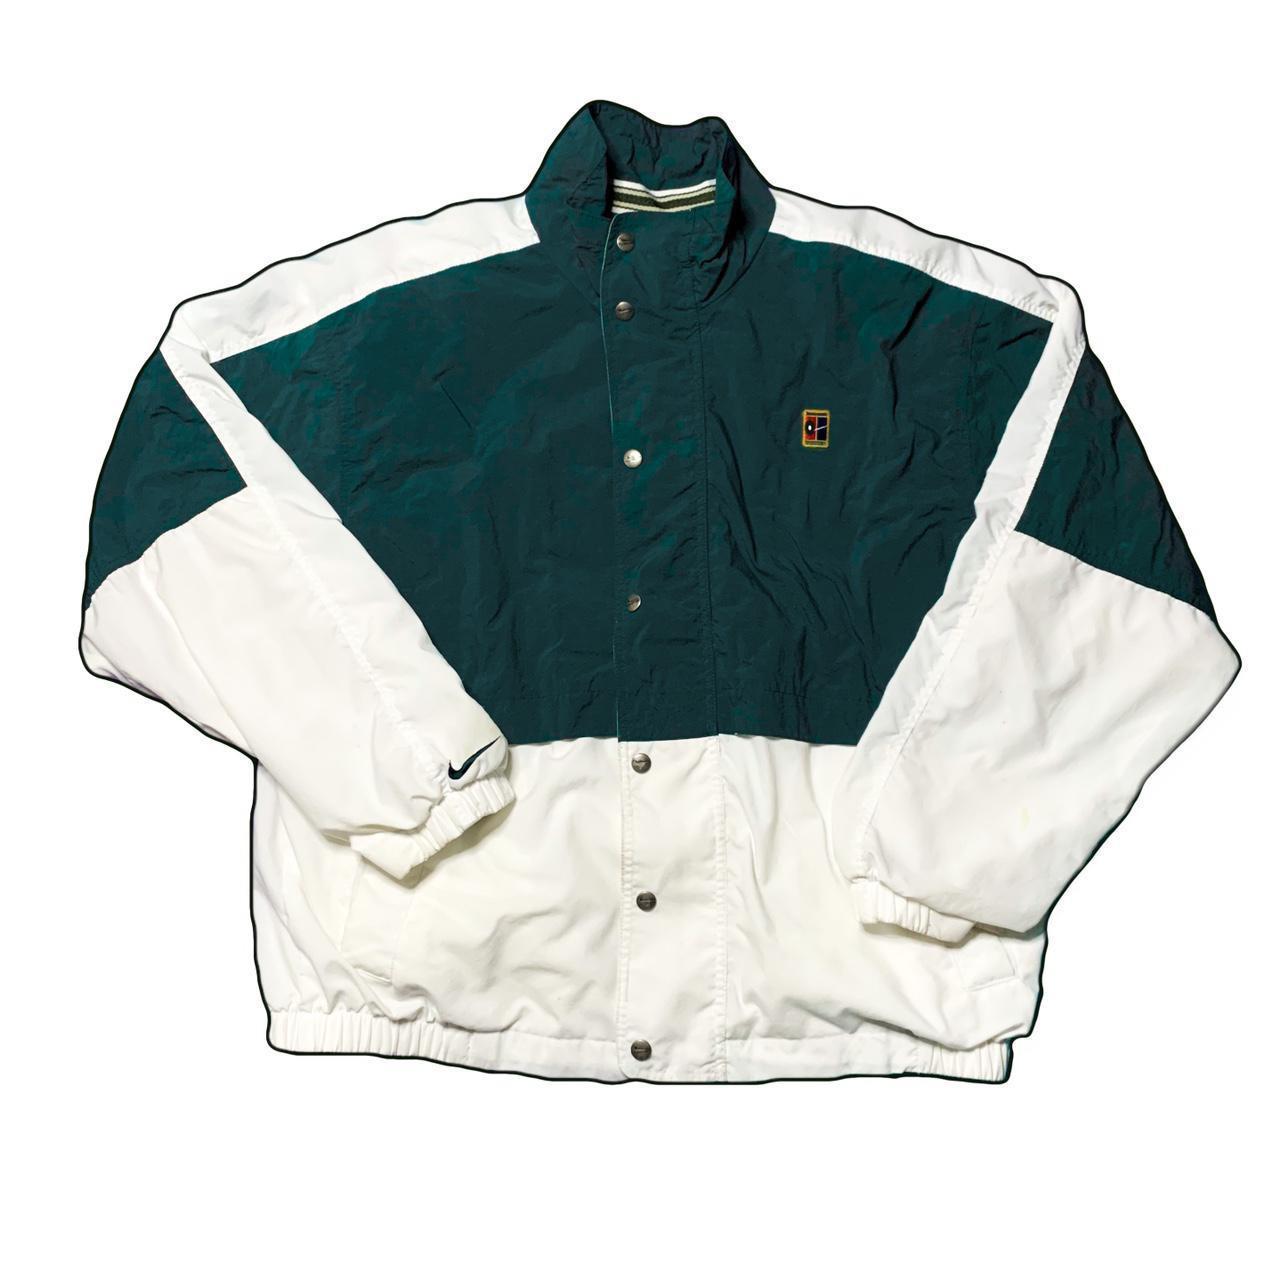 Product Image 1 - Vintage Nike Court Jacket  - Great